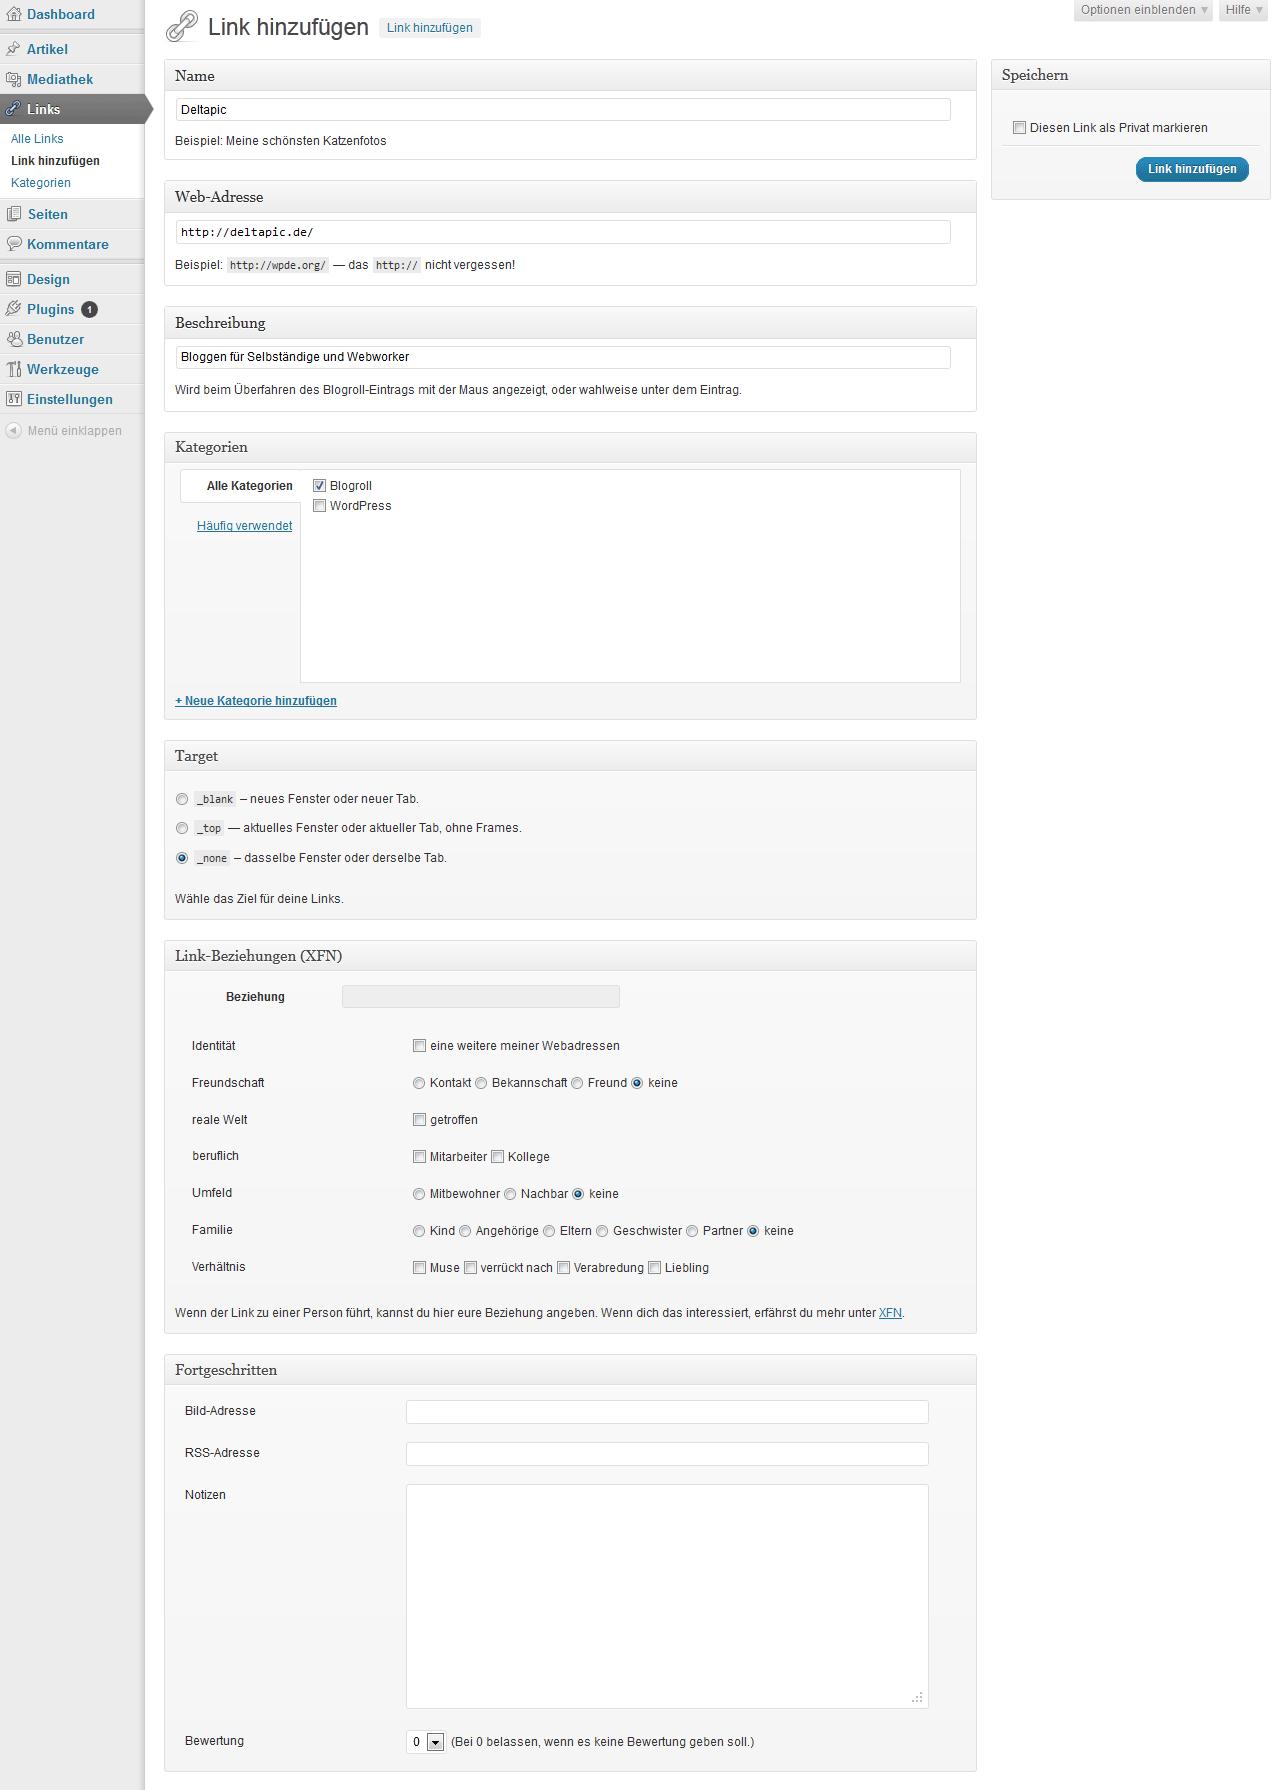 Die Eingaben für den Beispiel-Link